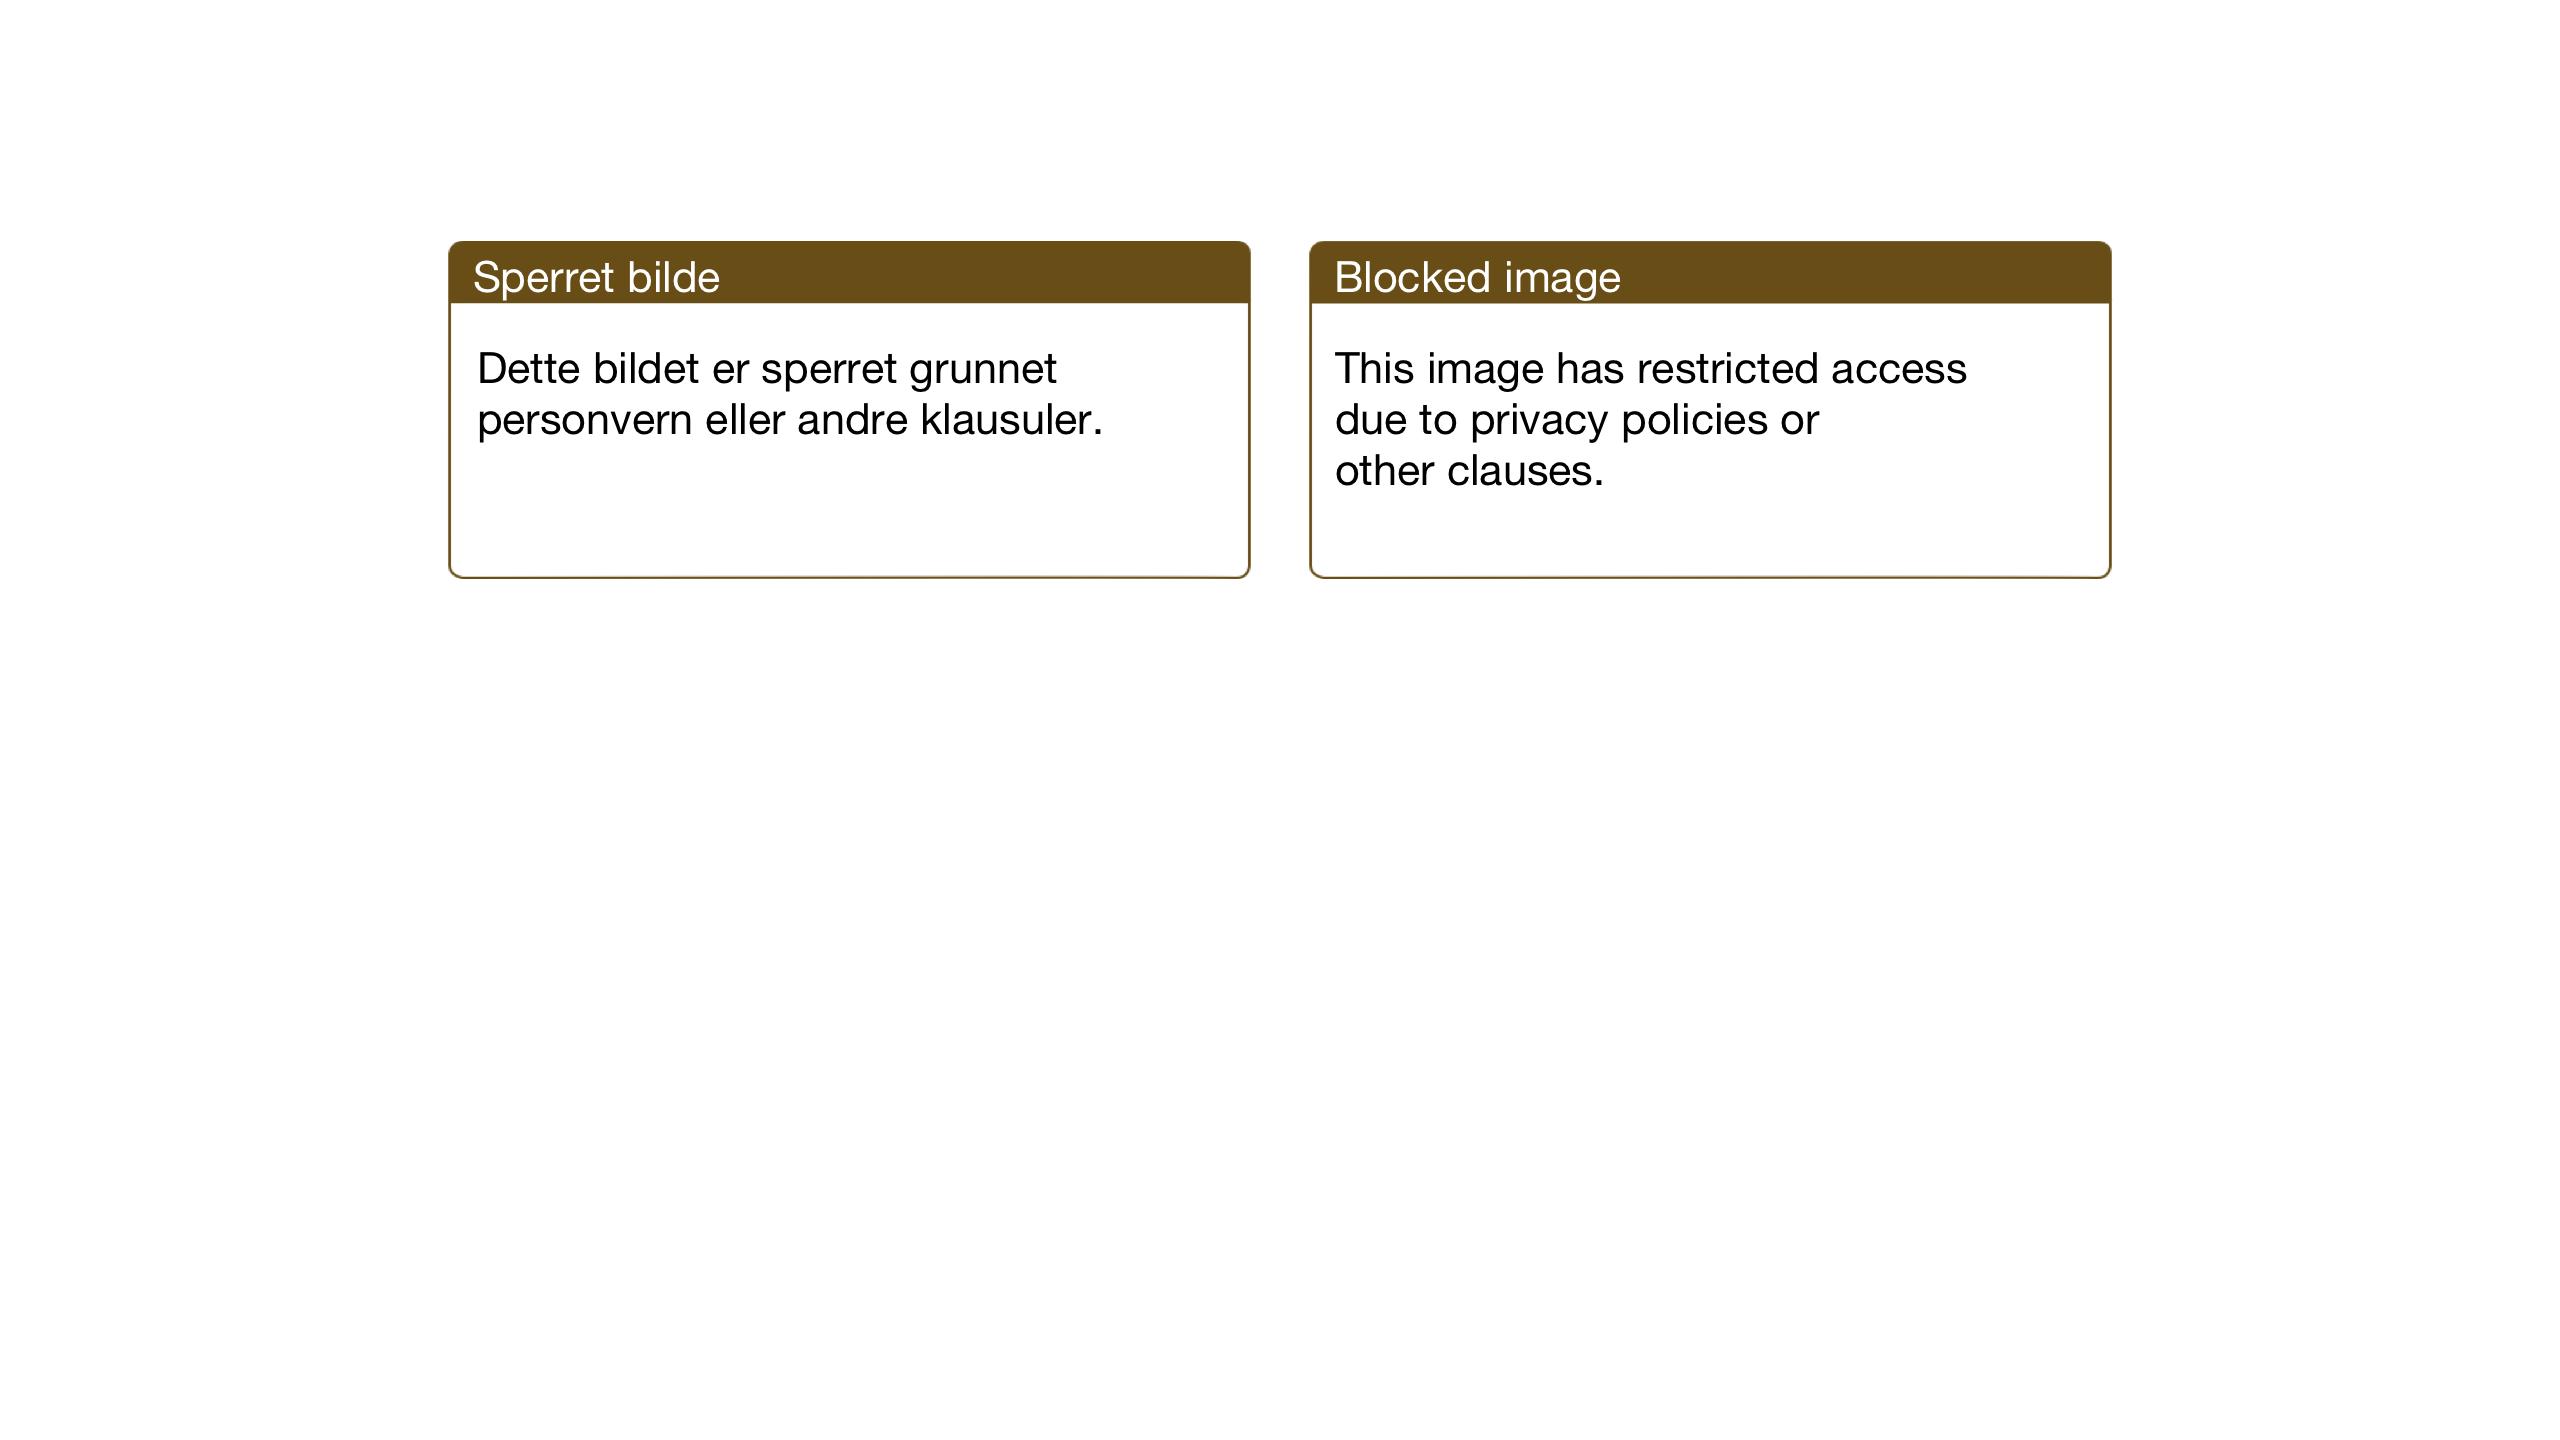 SAT, Ministerialprotokoller, klokkerbøker og fødselsregistre - Sør-Trøndelag, 640/L0590: Klokkerbok nr. 640C07, 1935-1948, s. 135